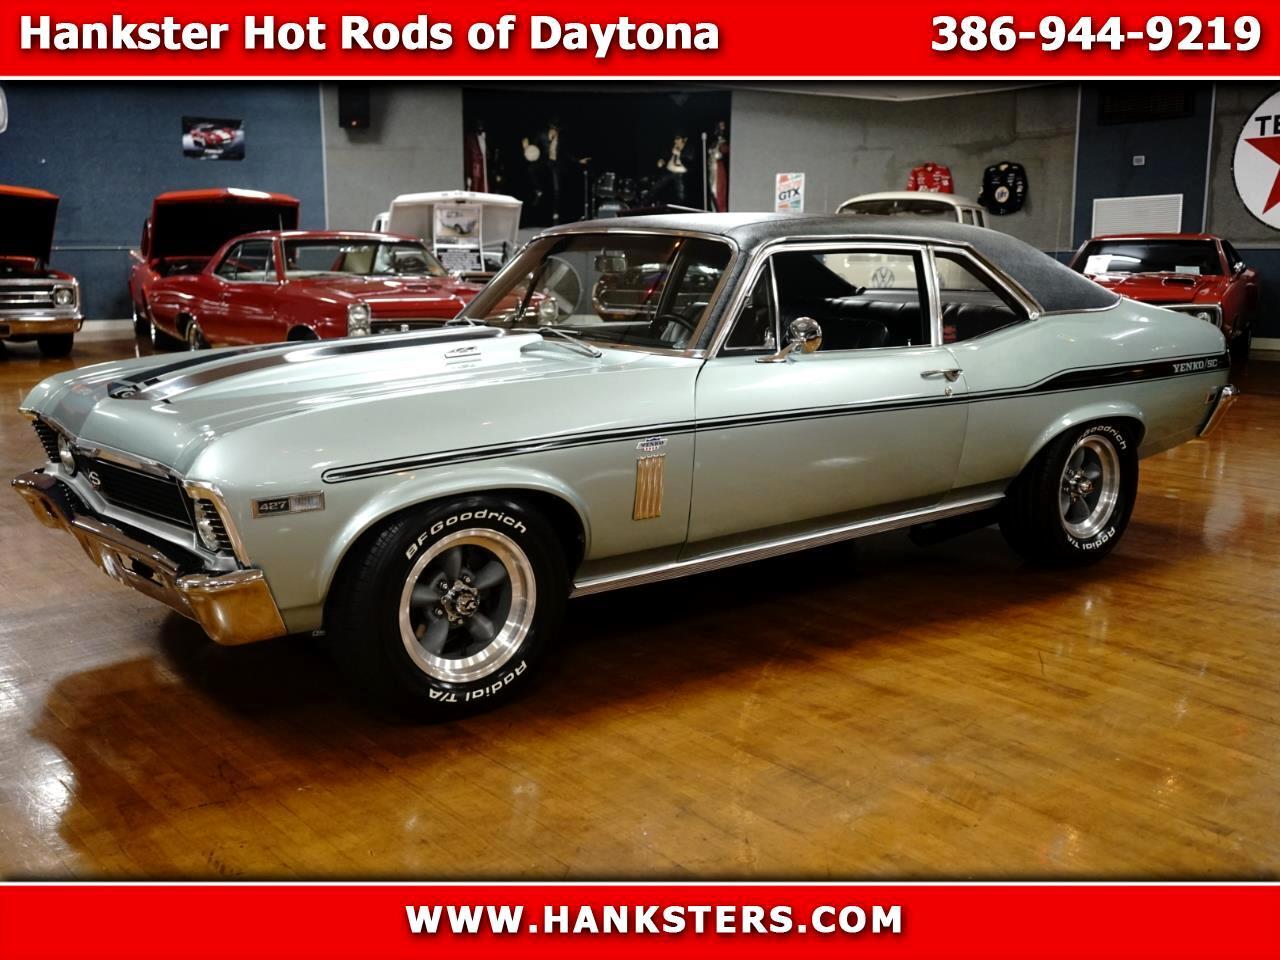 1968 Chevrolet Nova Yenko Style